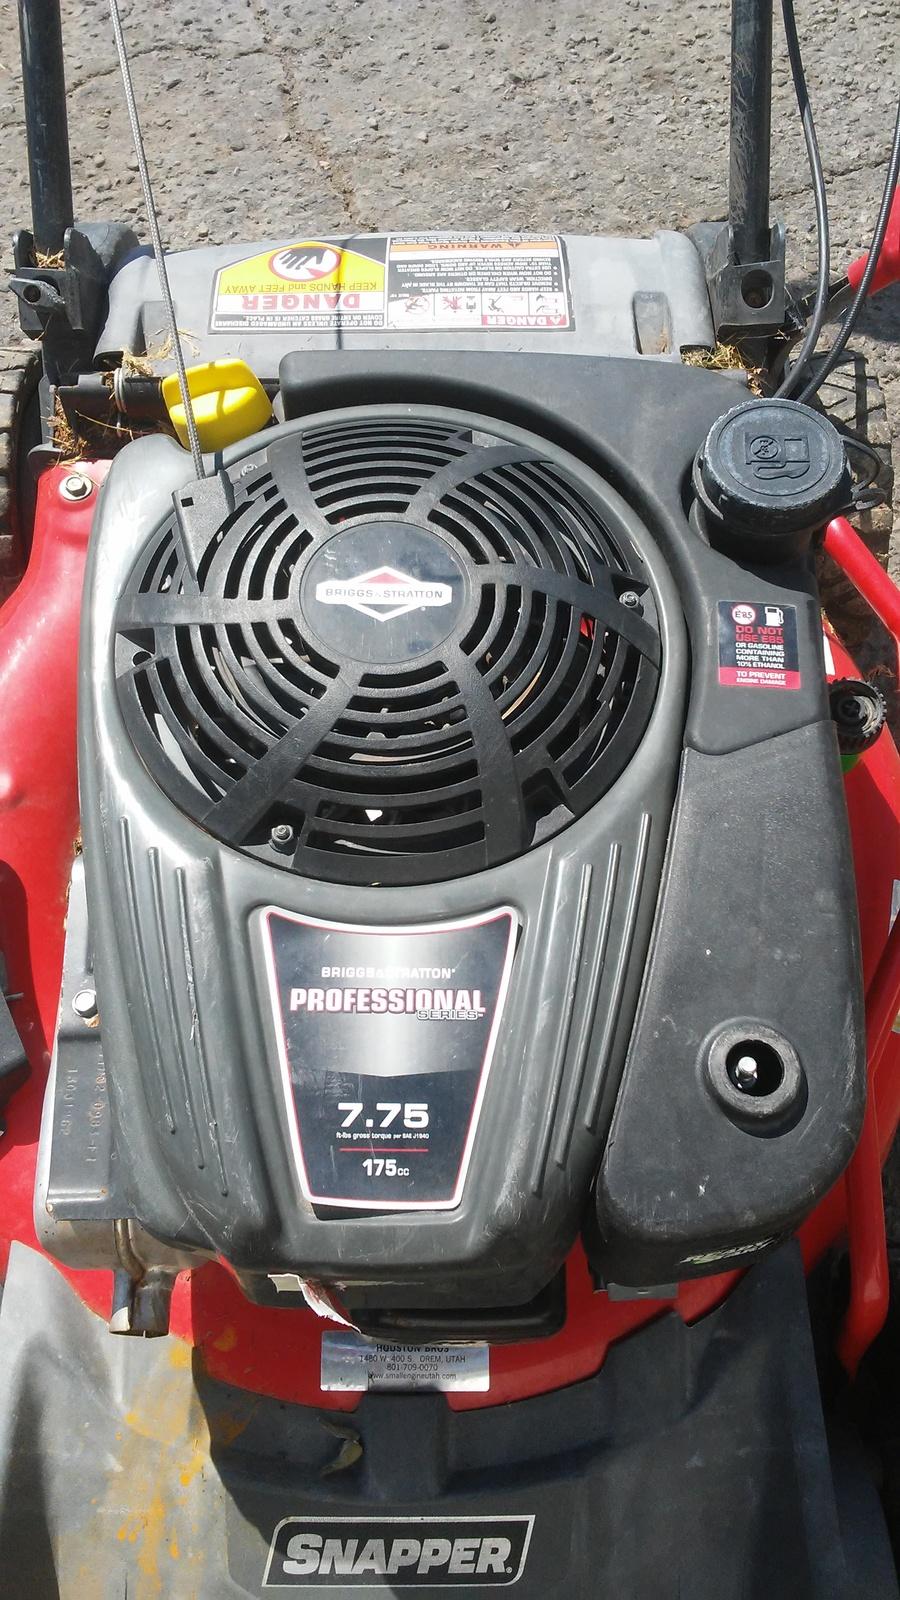 snapper lawn mower carburetor